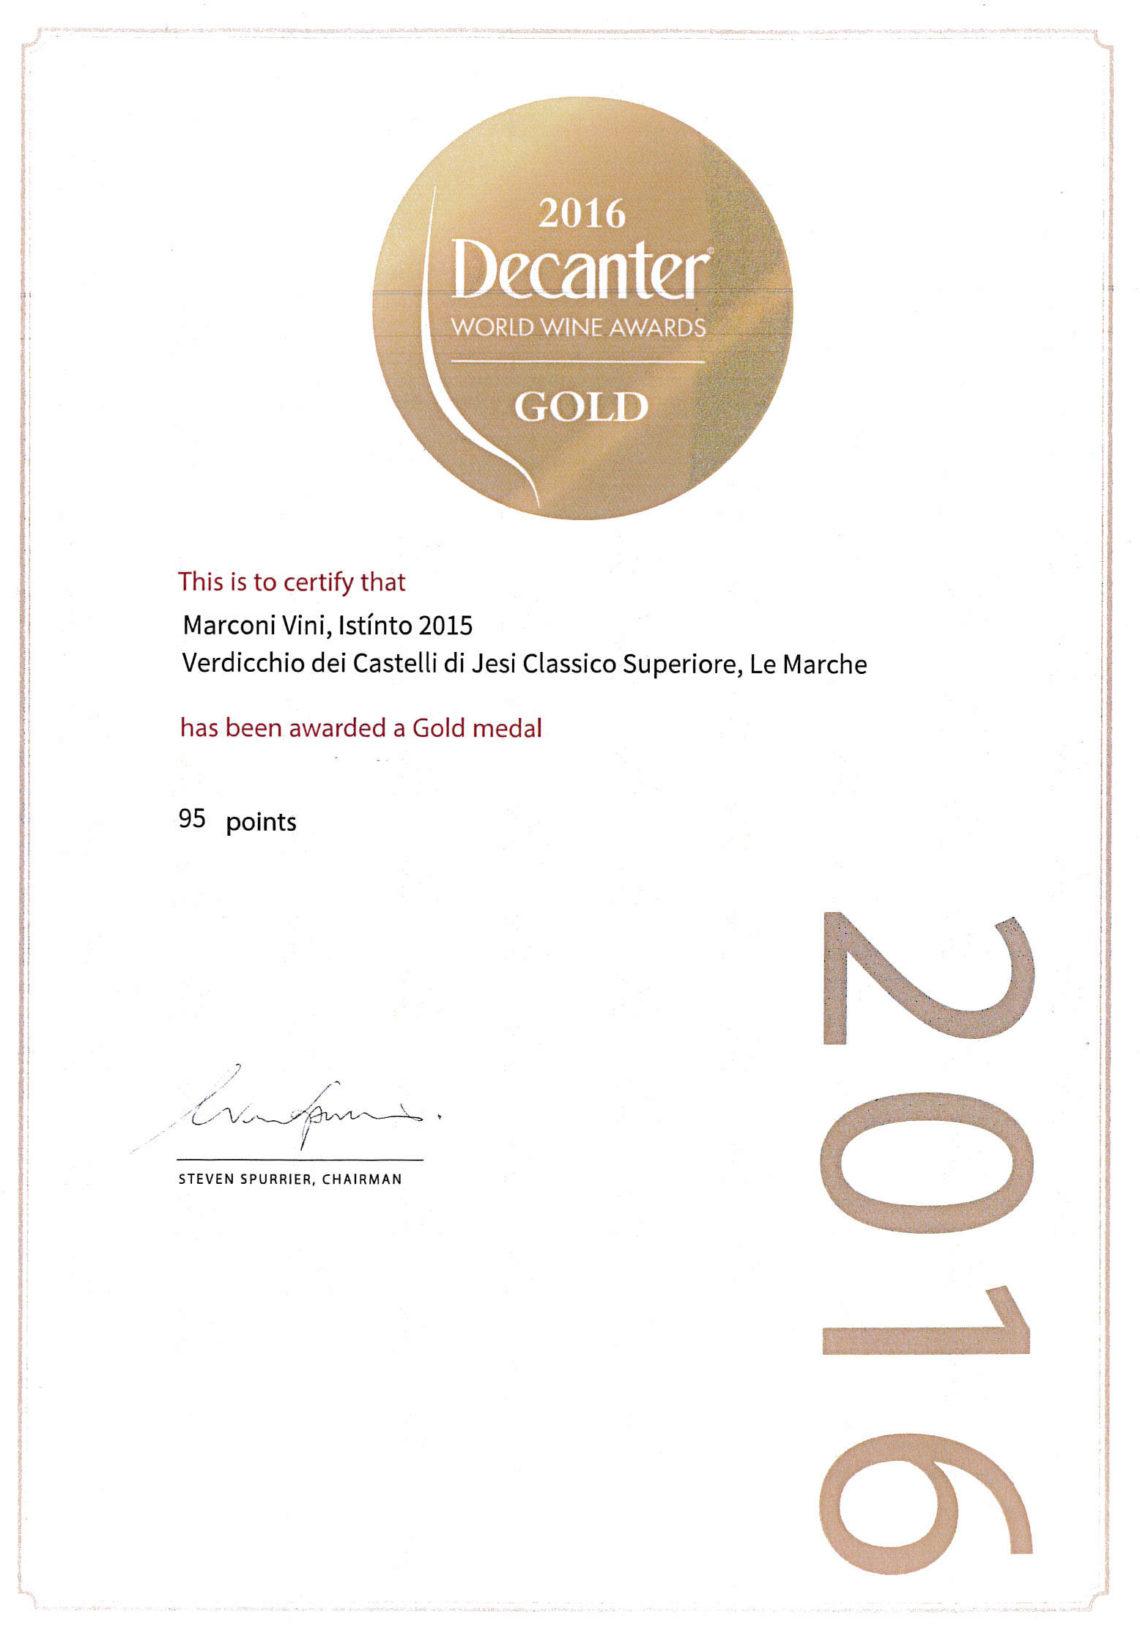 Marconi Vini - Verdicchio dei Castelli di Jesi Classico Superiore 2016 - Gold - Decanter World Wine Awards 2016